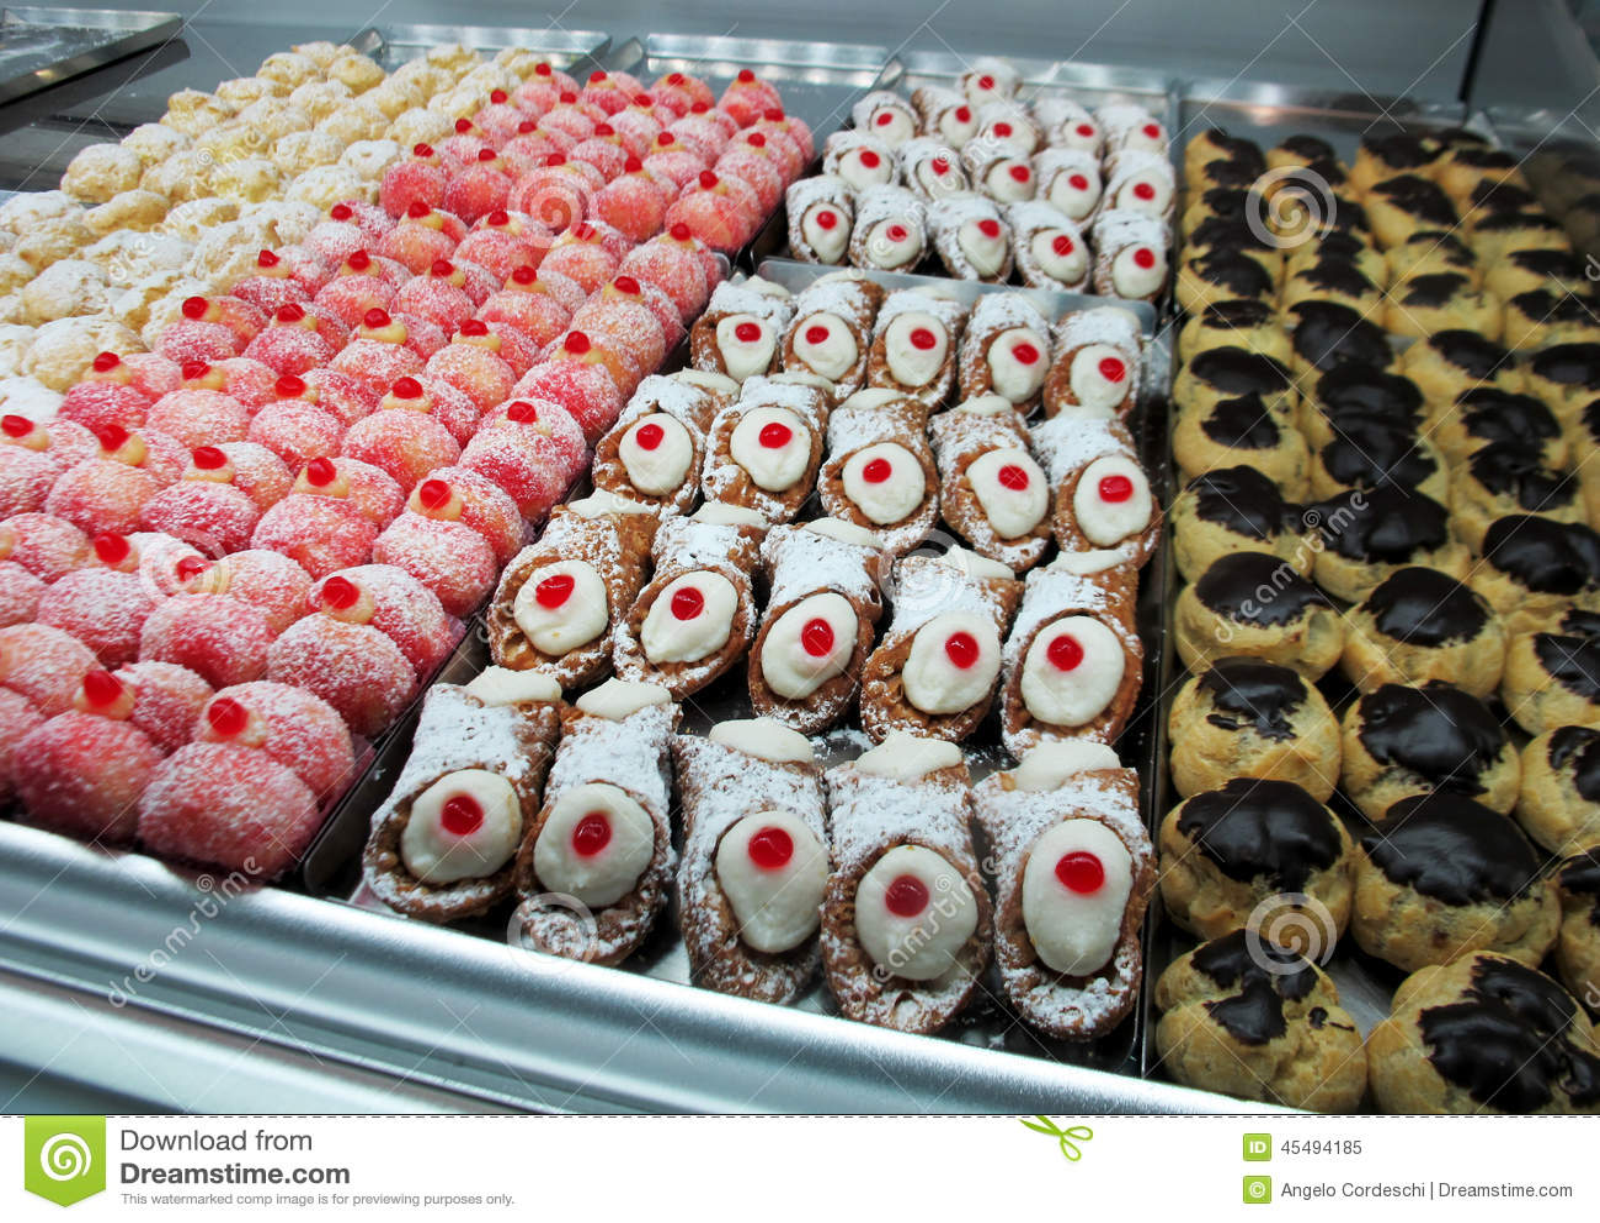 Magasin av sötsaker, kakor och bakelser